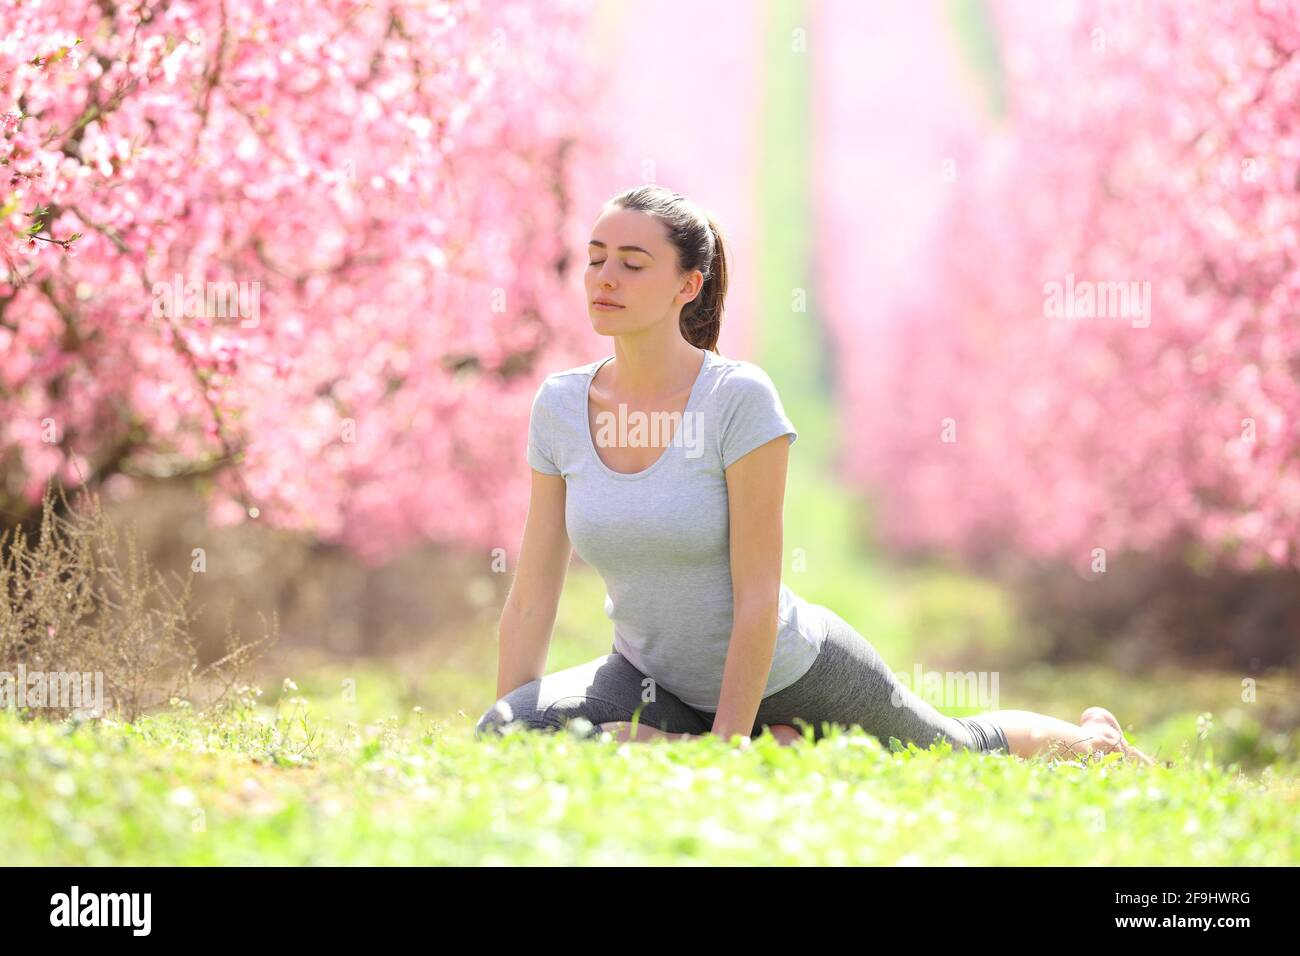 Femme concentrée pratiquant l'exercice de yoga sur l'herbe dans un champ fleuri au printemps Banque D'Images